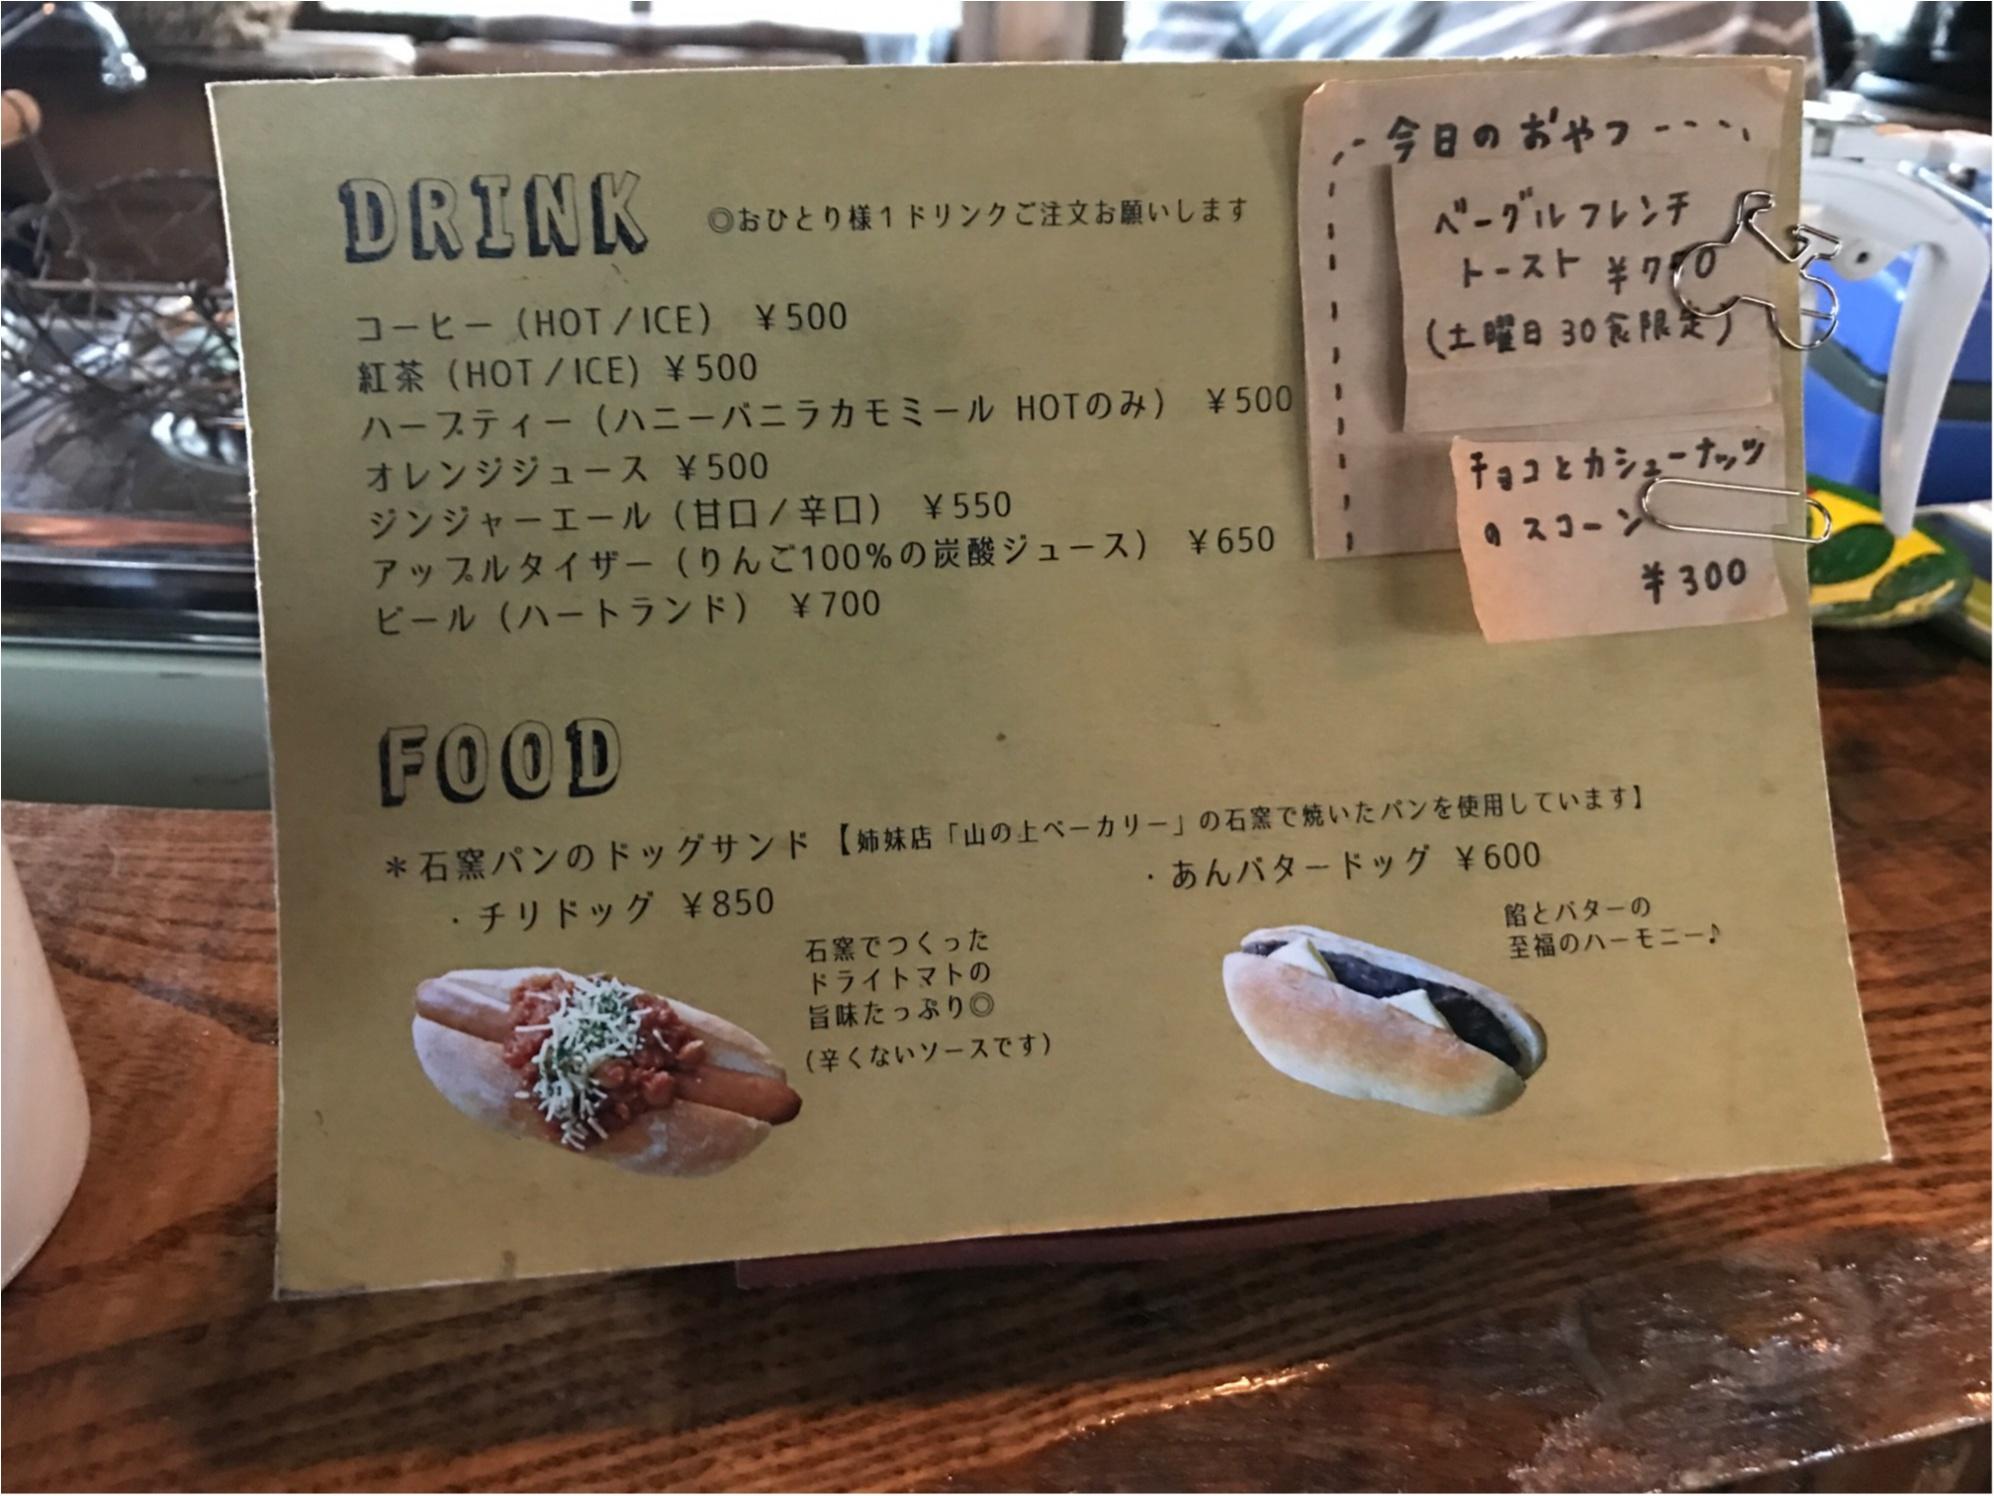 """【ドラマロケ地カフェ】女優水川あさみさん""""シェアハウスの恋人""""で使われたツリーハウスカフェ潜入!オトナの秘密基地発見!限定30食メニュー食べてきました♡♡_4"""